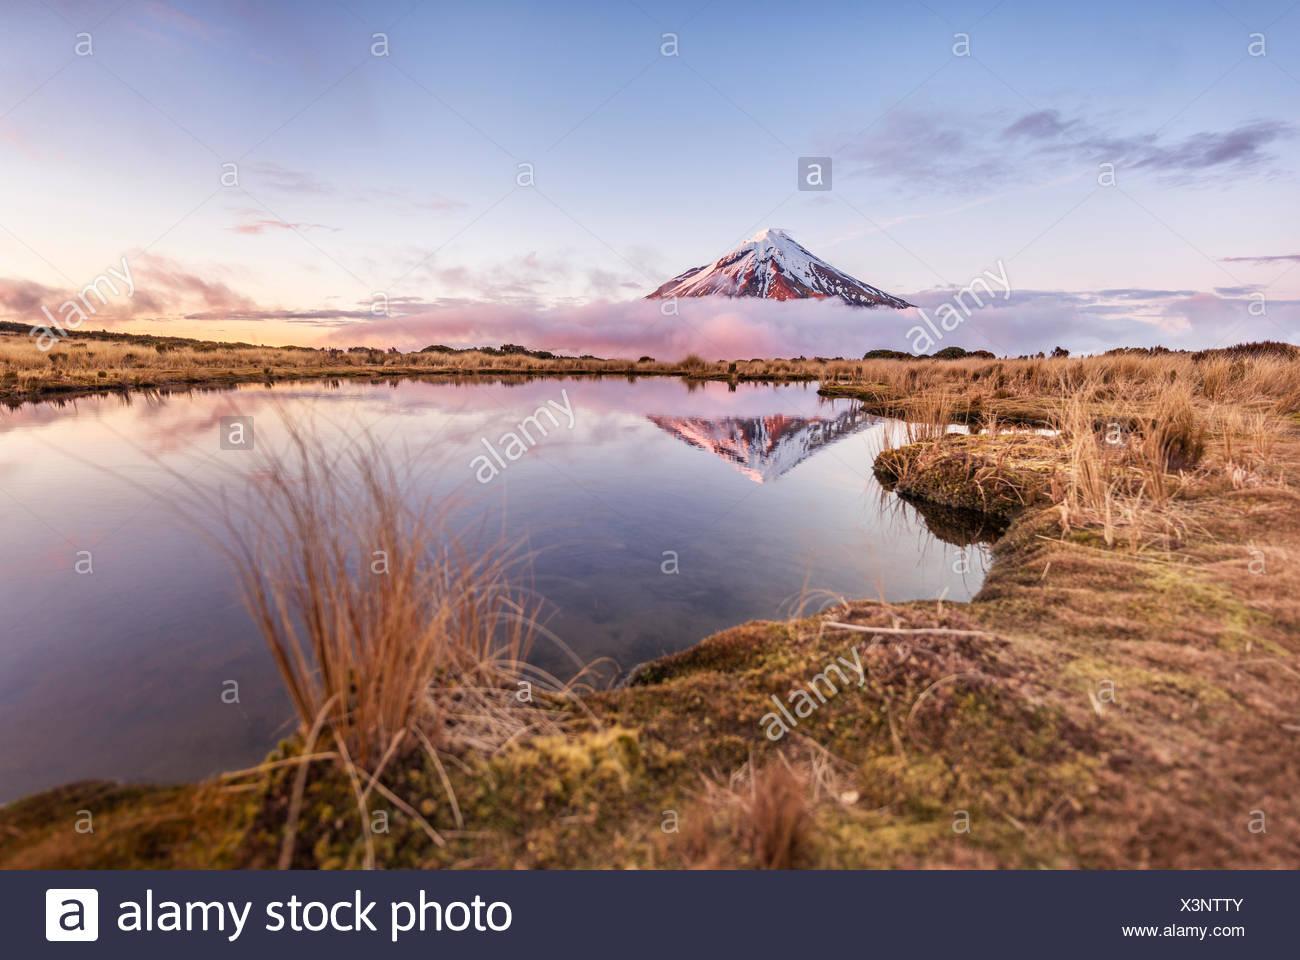 Spiegelbild im See, rosa Wolken Stratovulkan Mount Taranaki oder Mount Egmont Pouakai Tarn bei Sonnenuntergang, Egmont-Nationalpark Stockbild